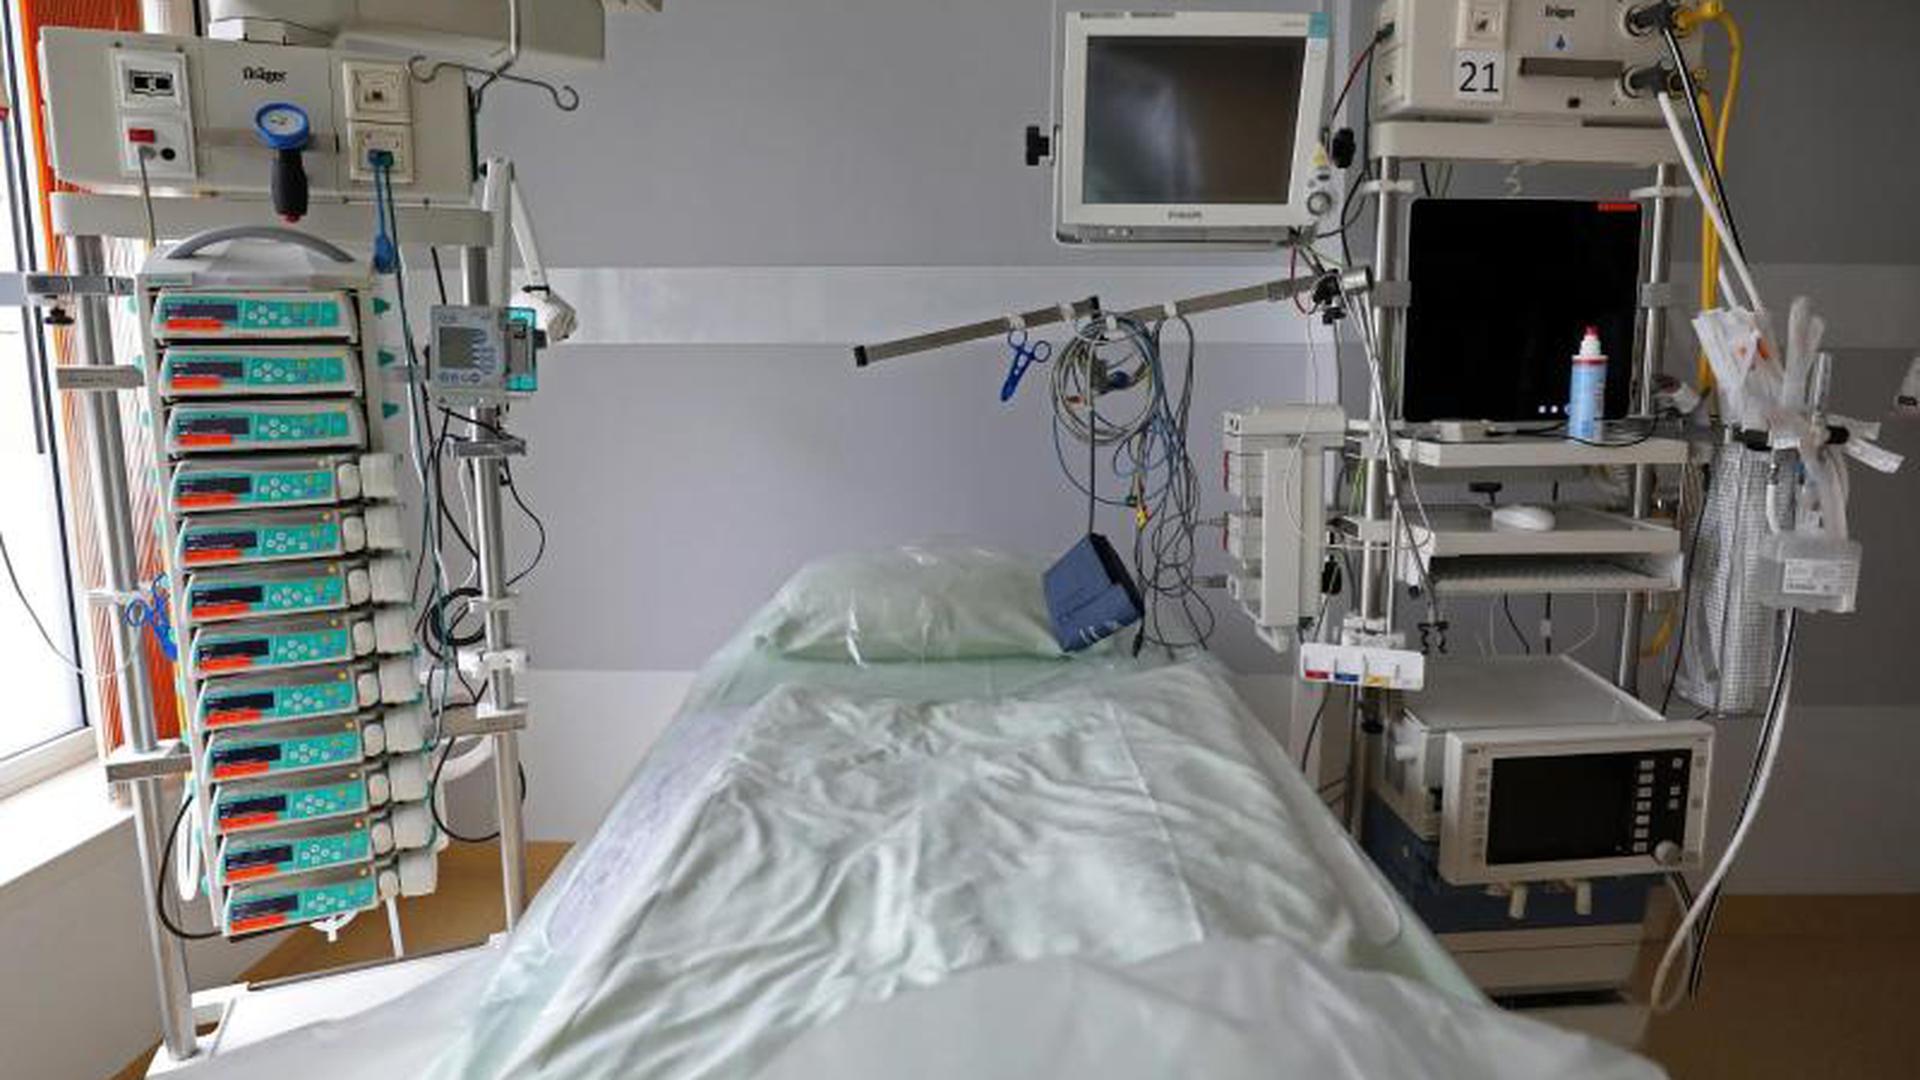 Intensivbett im Rostocker Universitätsklinikum